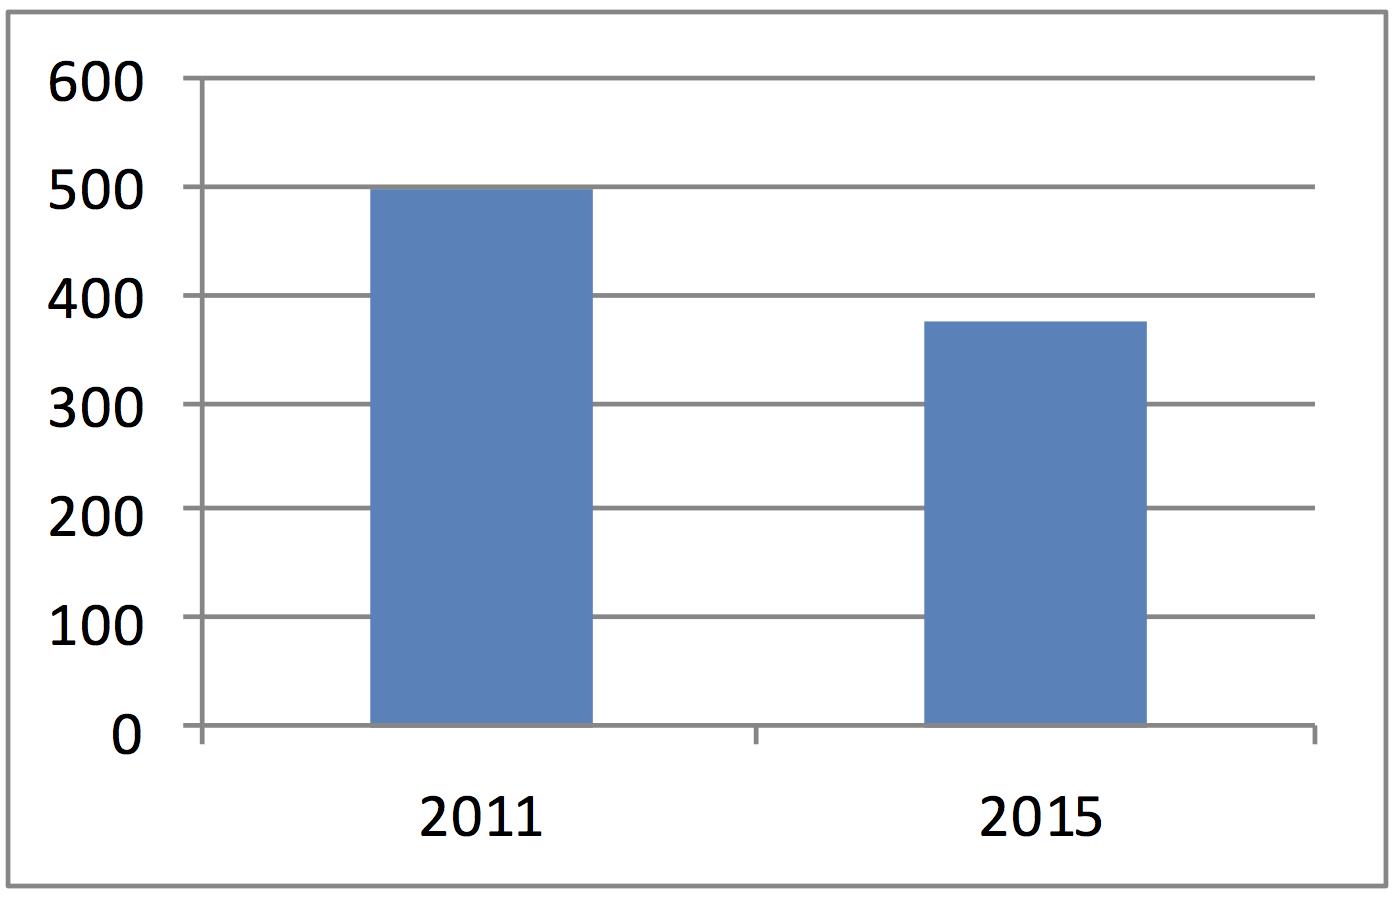 Effectifs de cigüe vireuse en 2011 et 2015